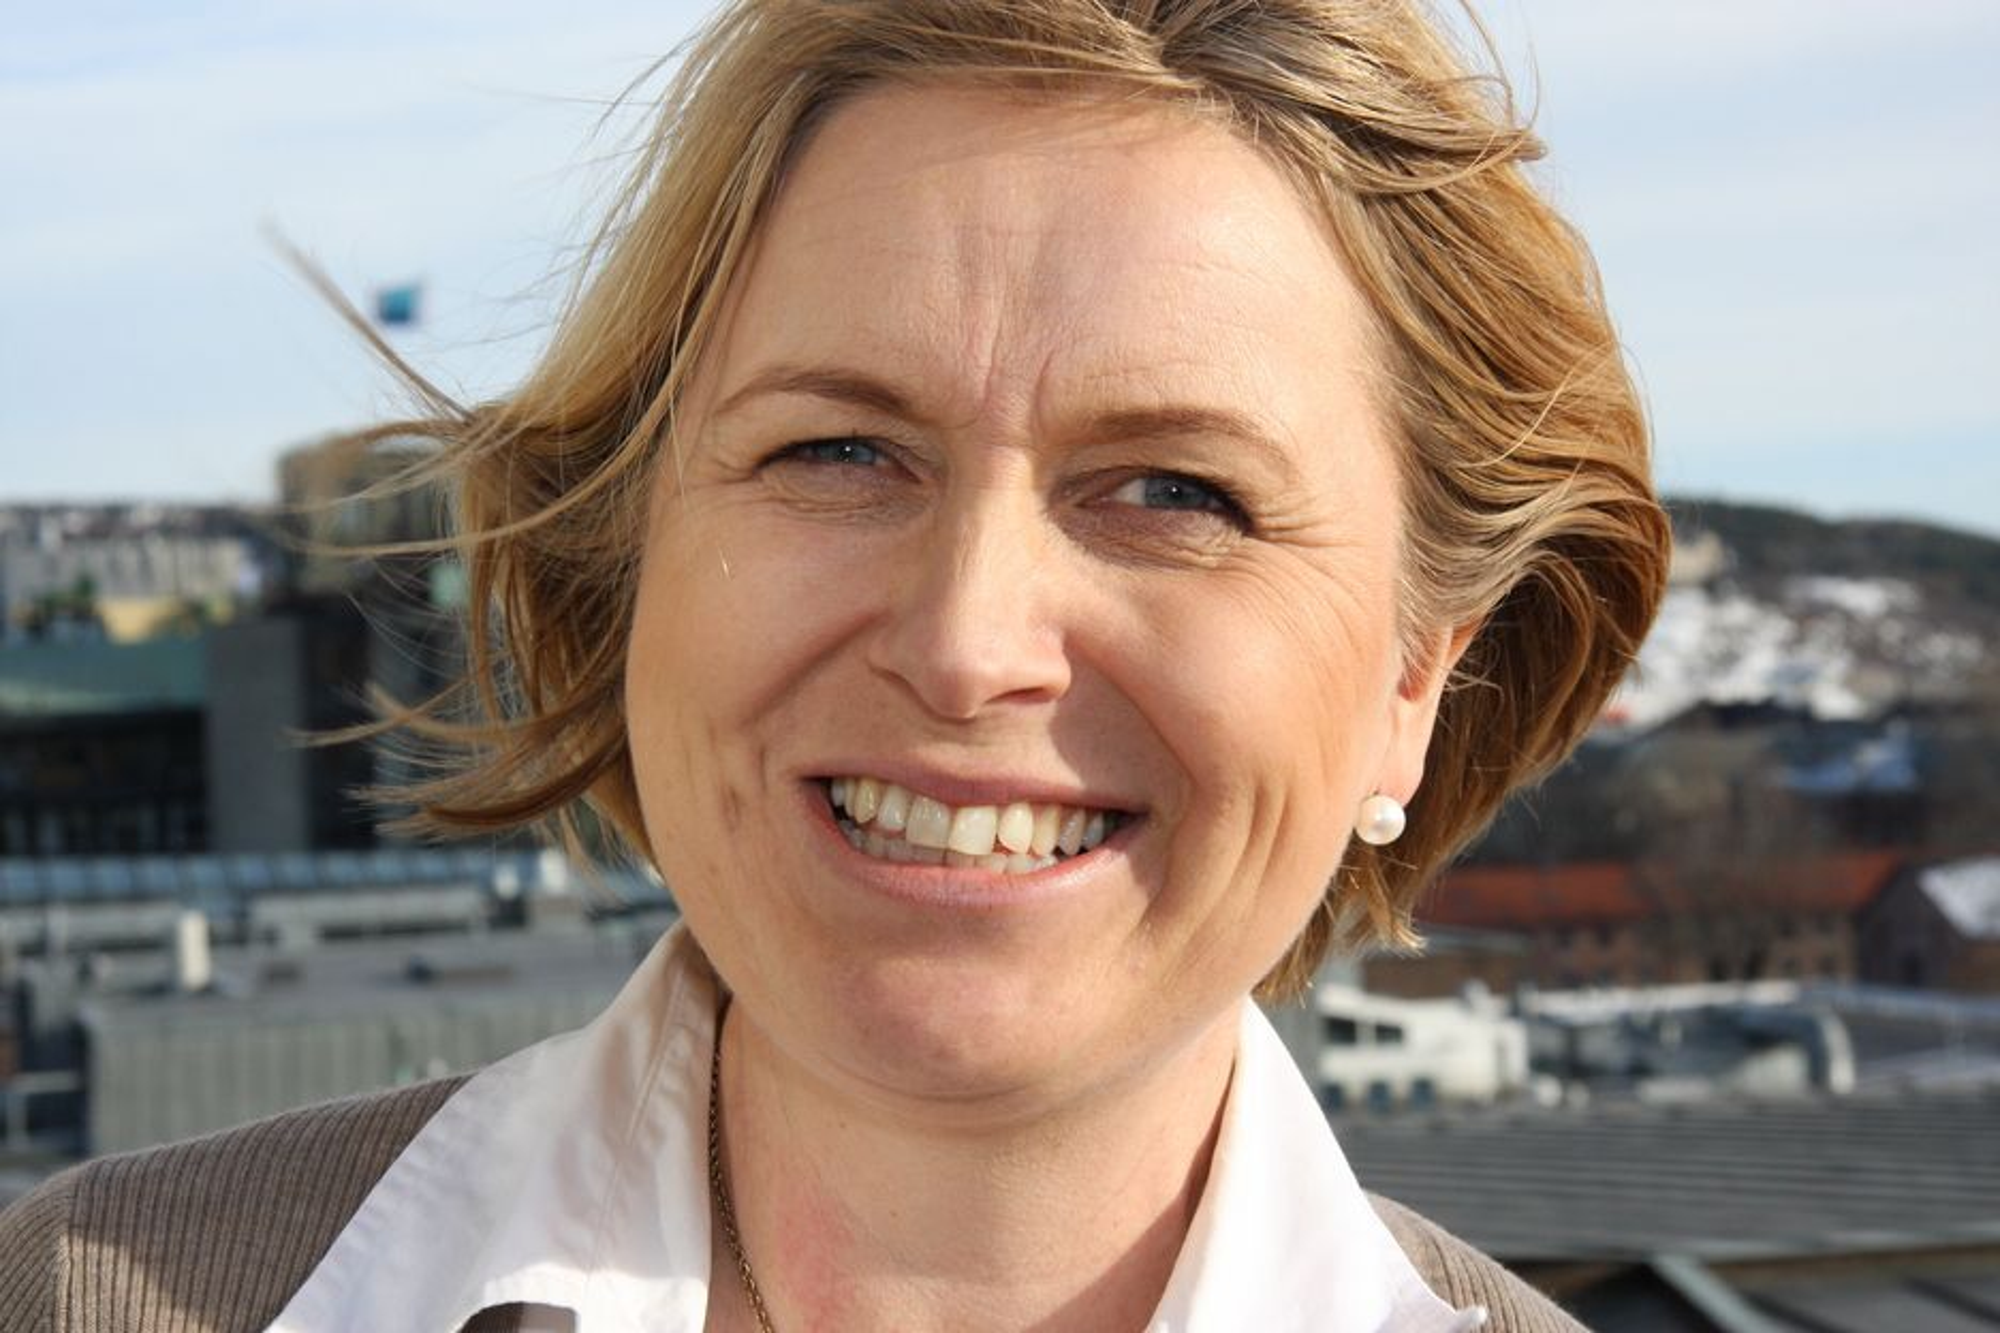 PRAGMATISK: Finansbyråd Kristin Vinje bedyrer at valget av  OPS fra hennes side er pragmatisk og ikke ideologisk motivert.  Det gir rom for nyskaping og det sikrer vedllikehold, sier hun.